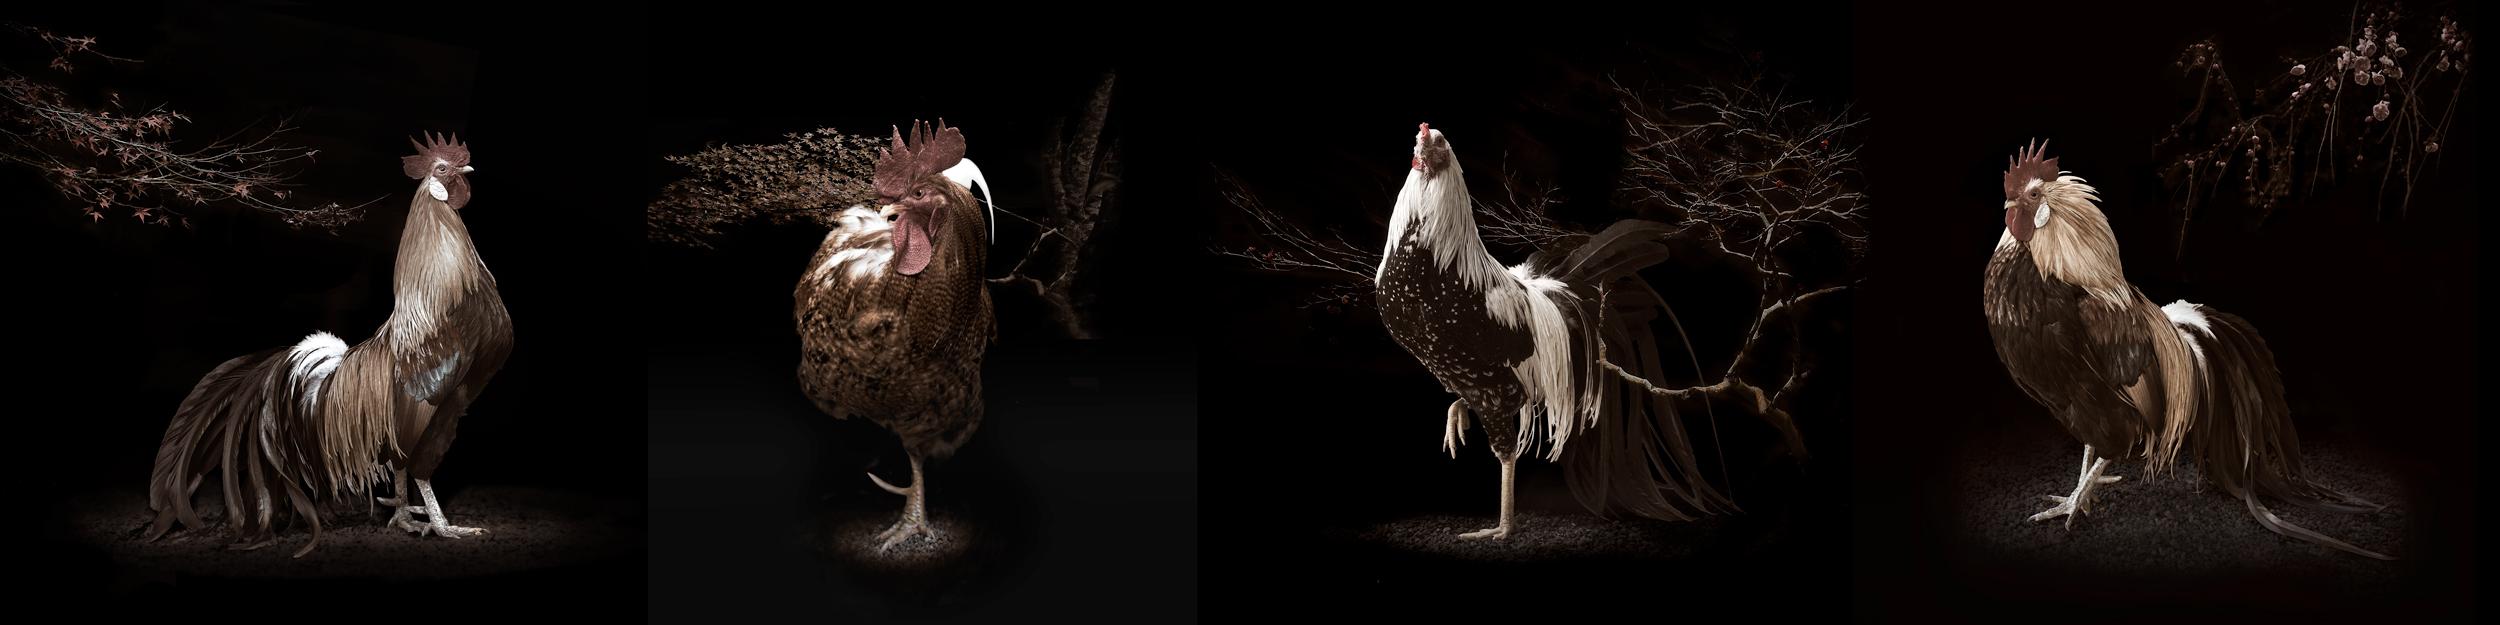 mythicalchicken.jpg